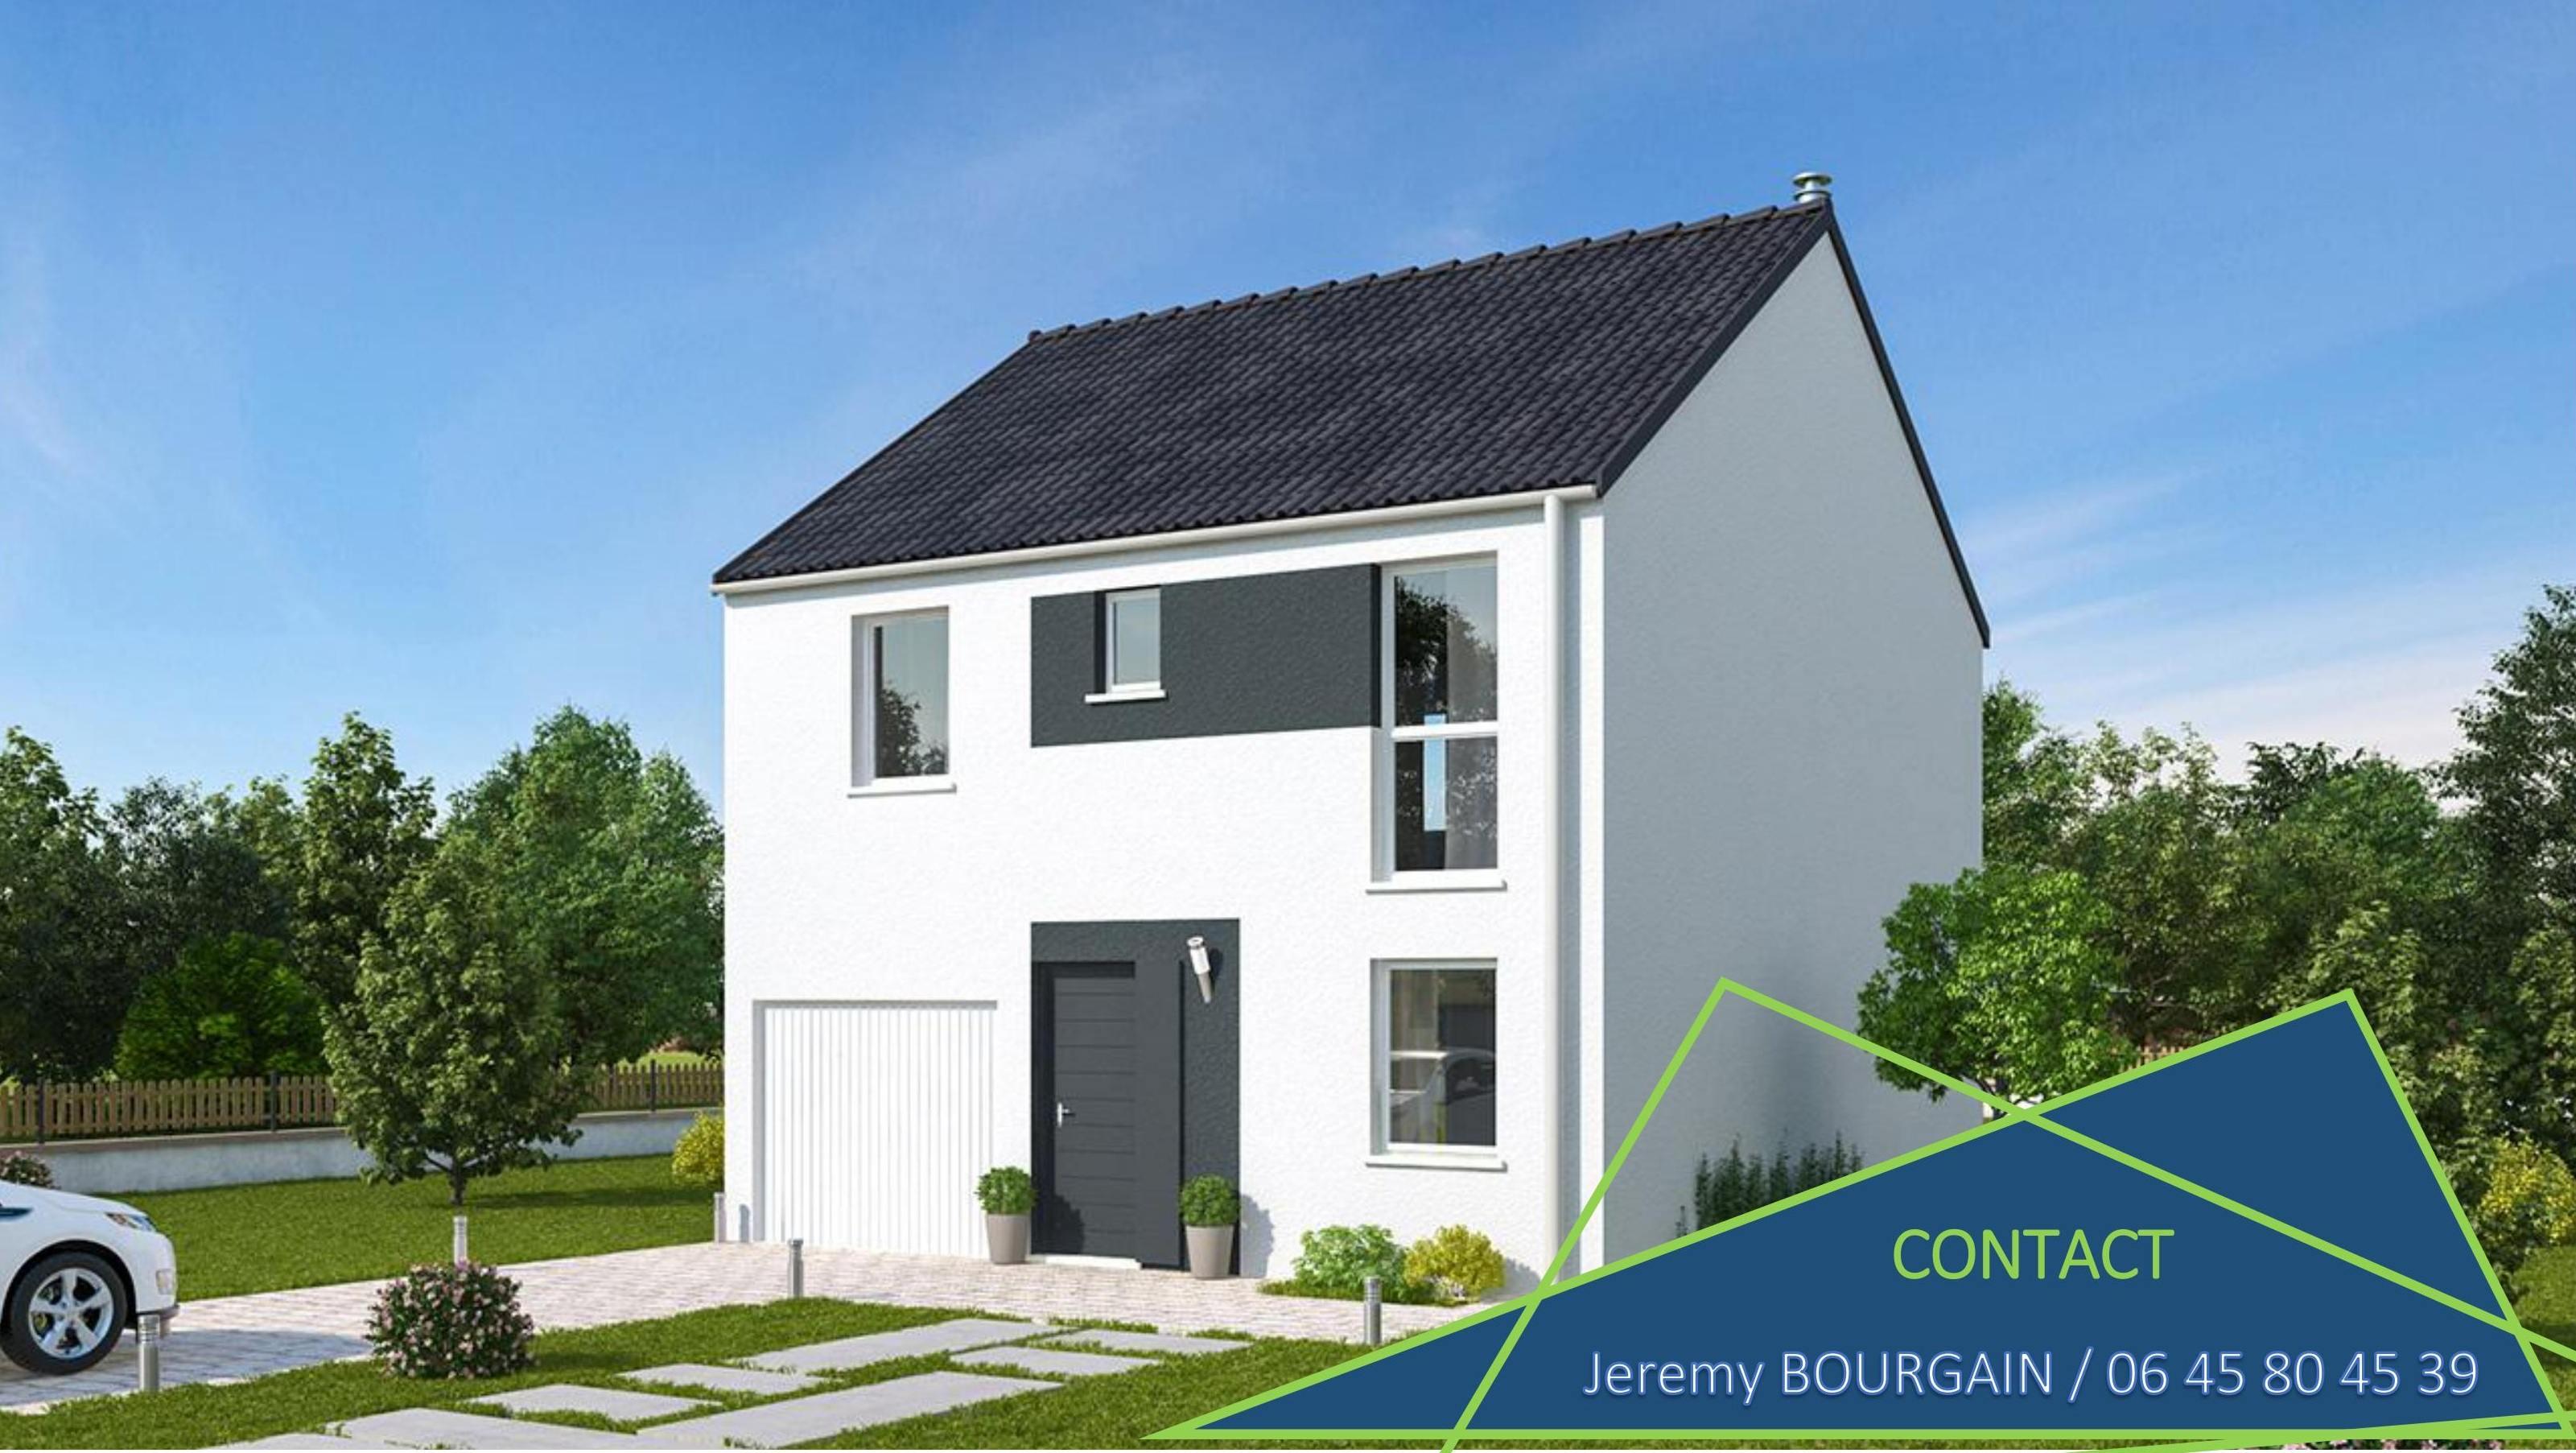 Maisons + Terrains du constructeur MAISONS PHENIX LEZENNES • 101 m² • THUMERIES